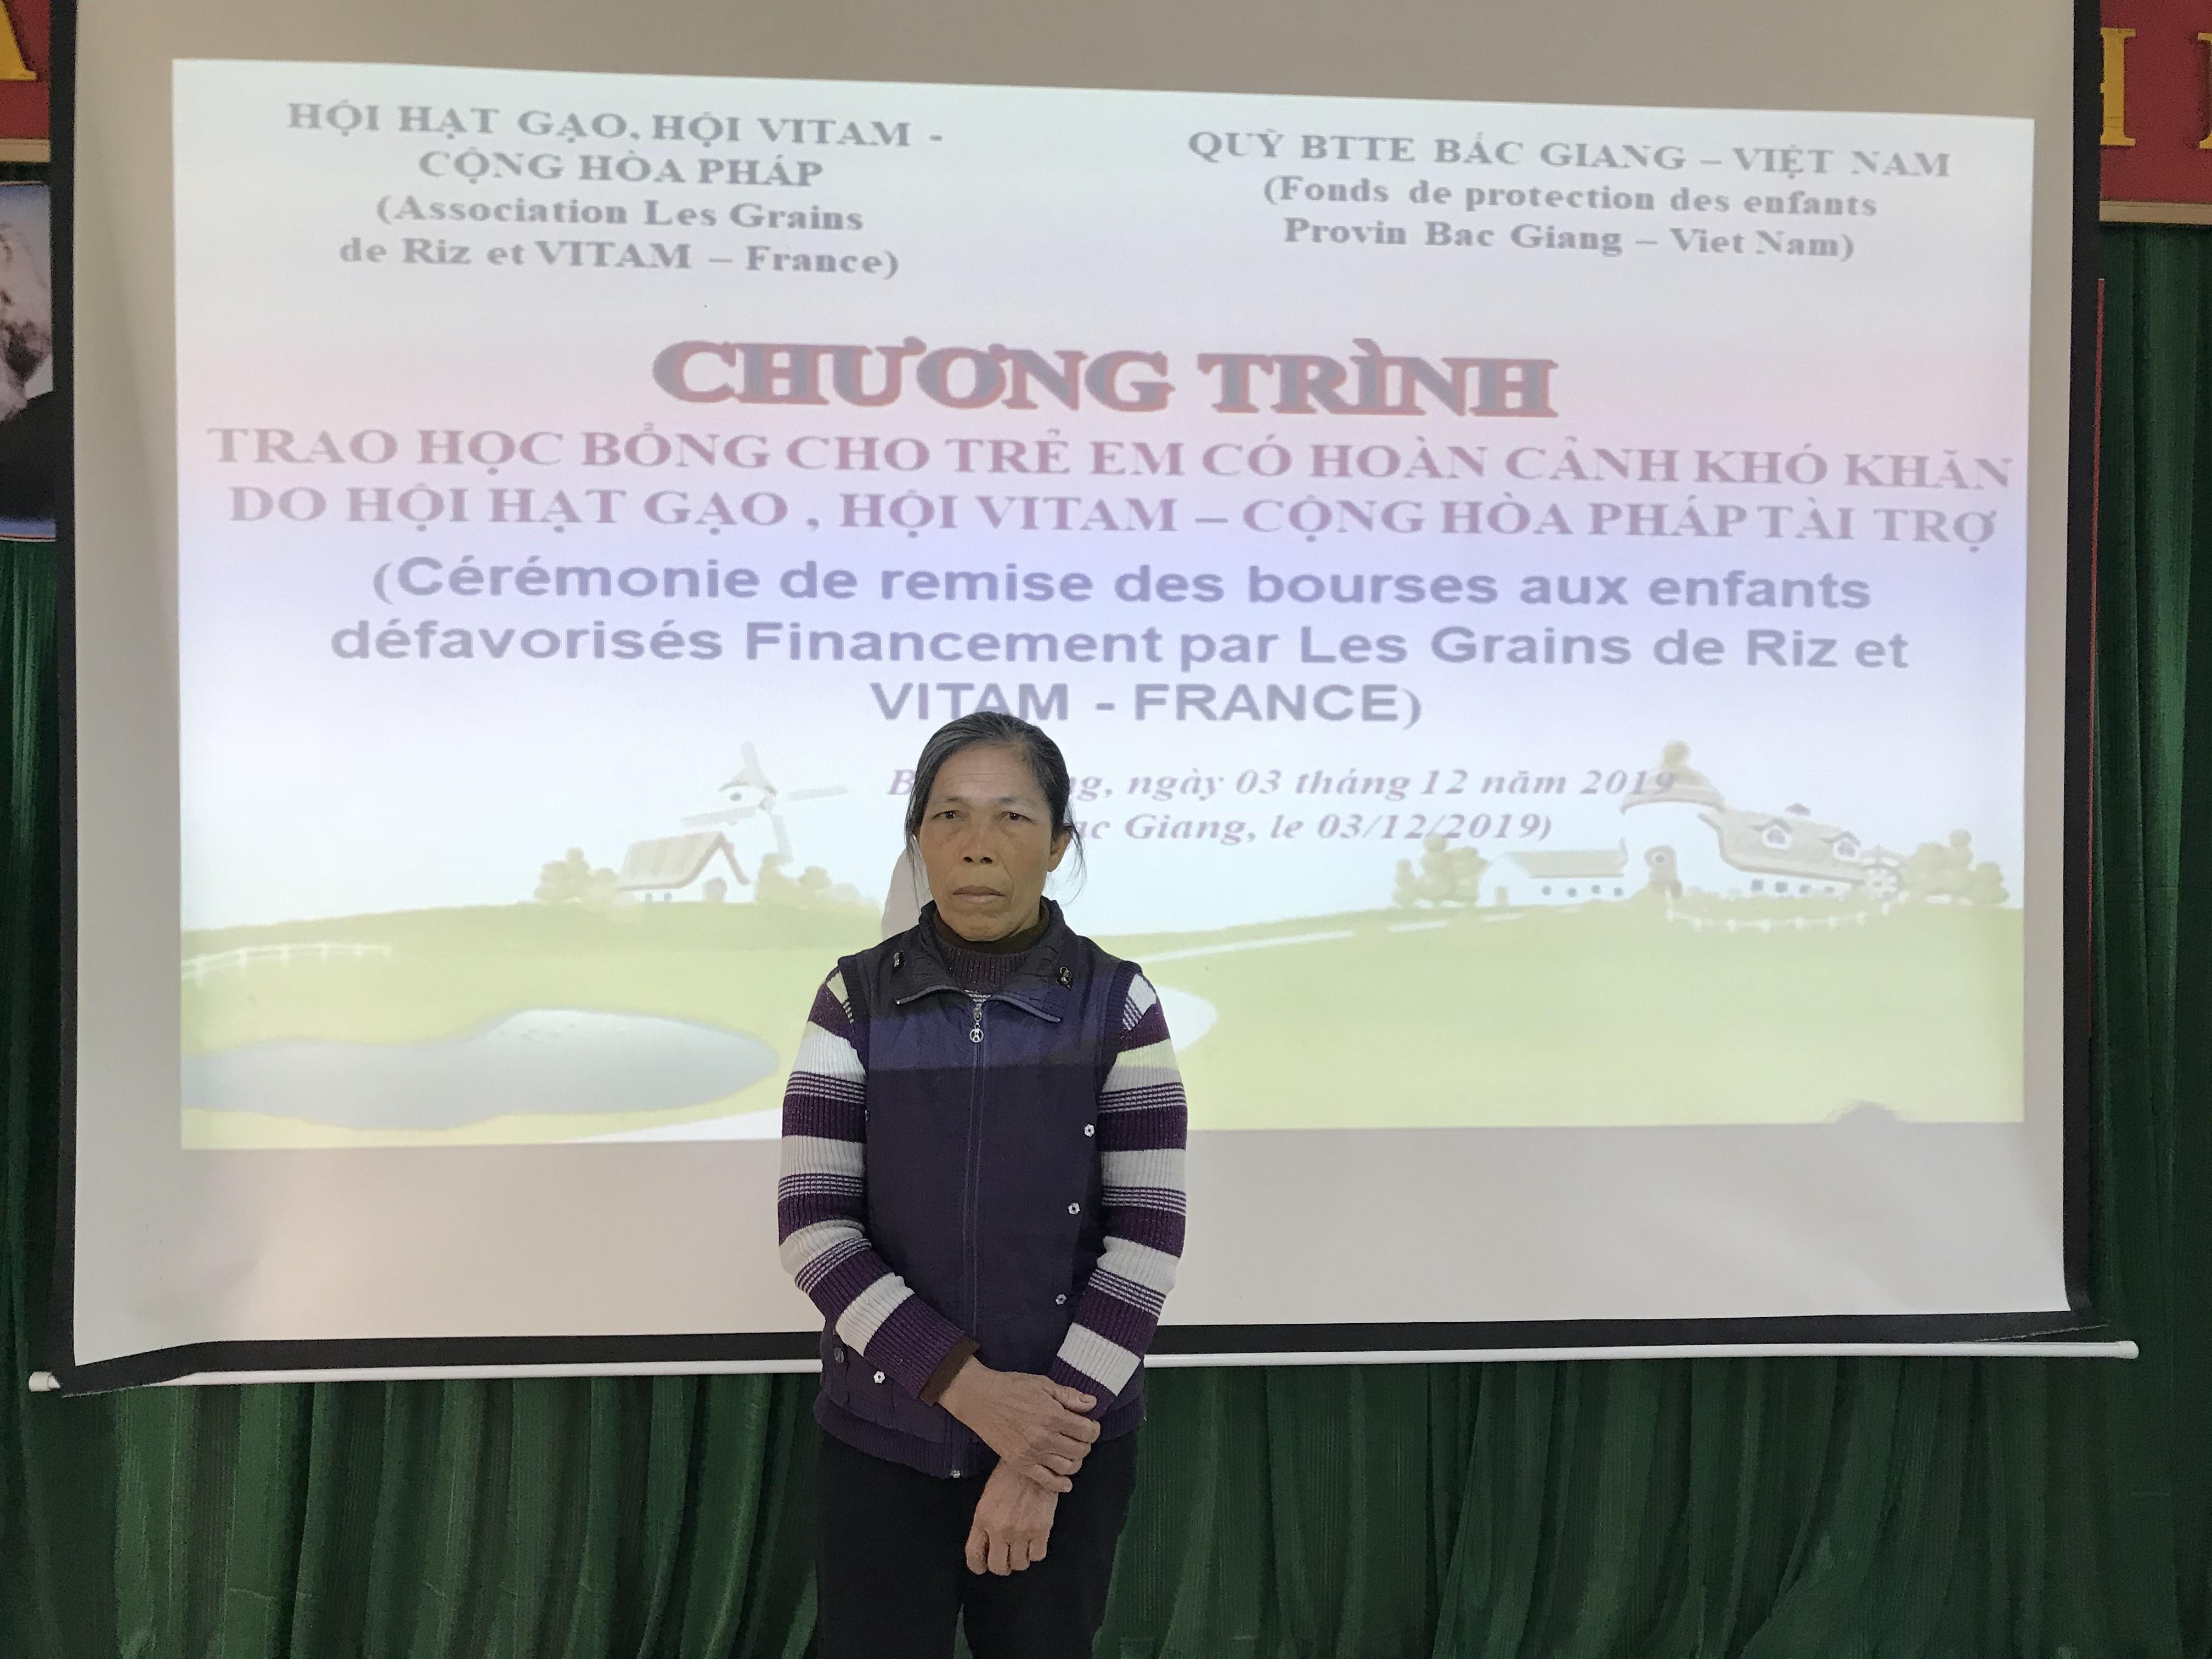 POPULUS-Jacques_Mère-de-HOANG-Thi-Linh